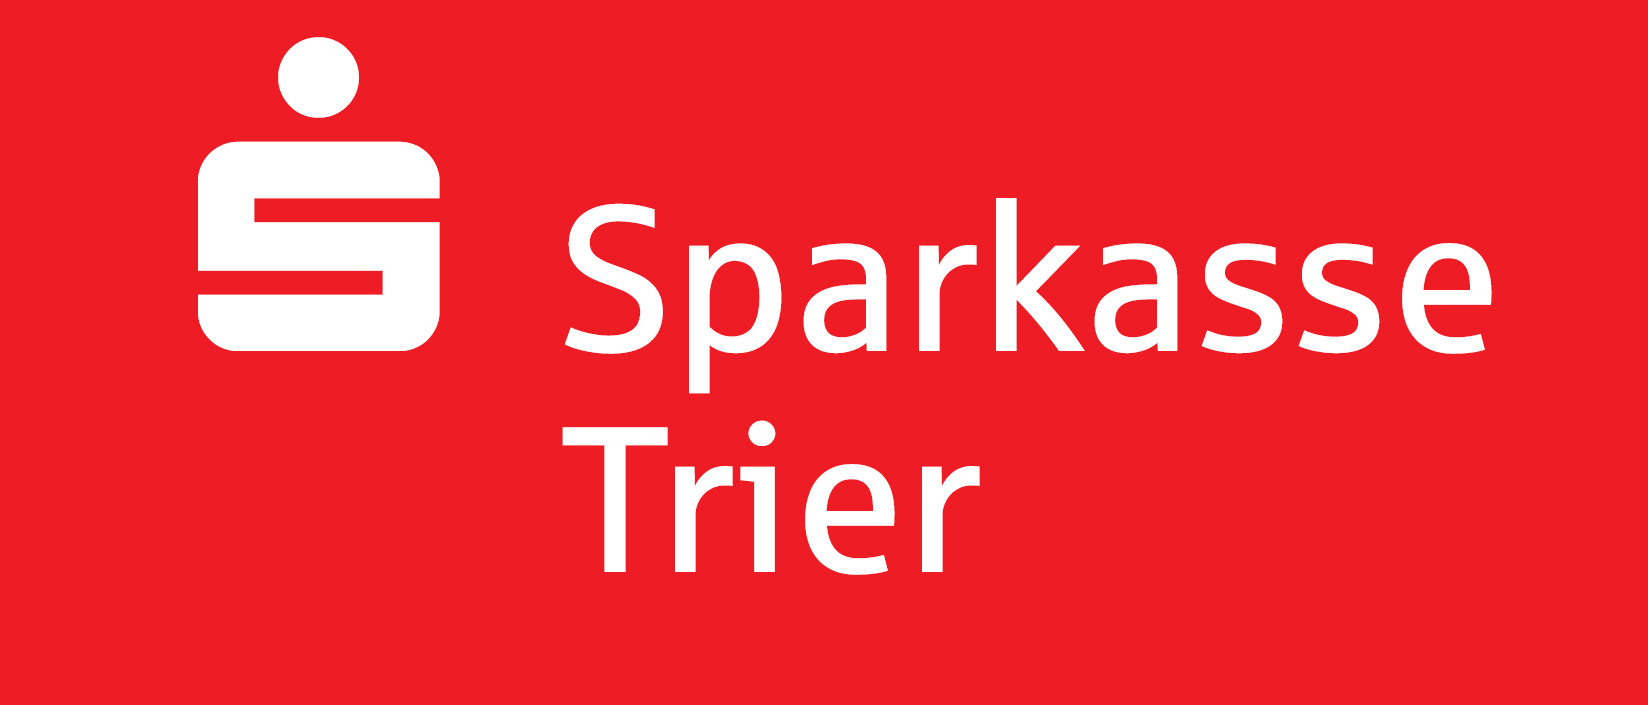 Logo: Sparkasse Trier